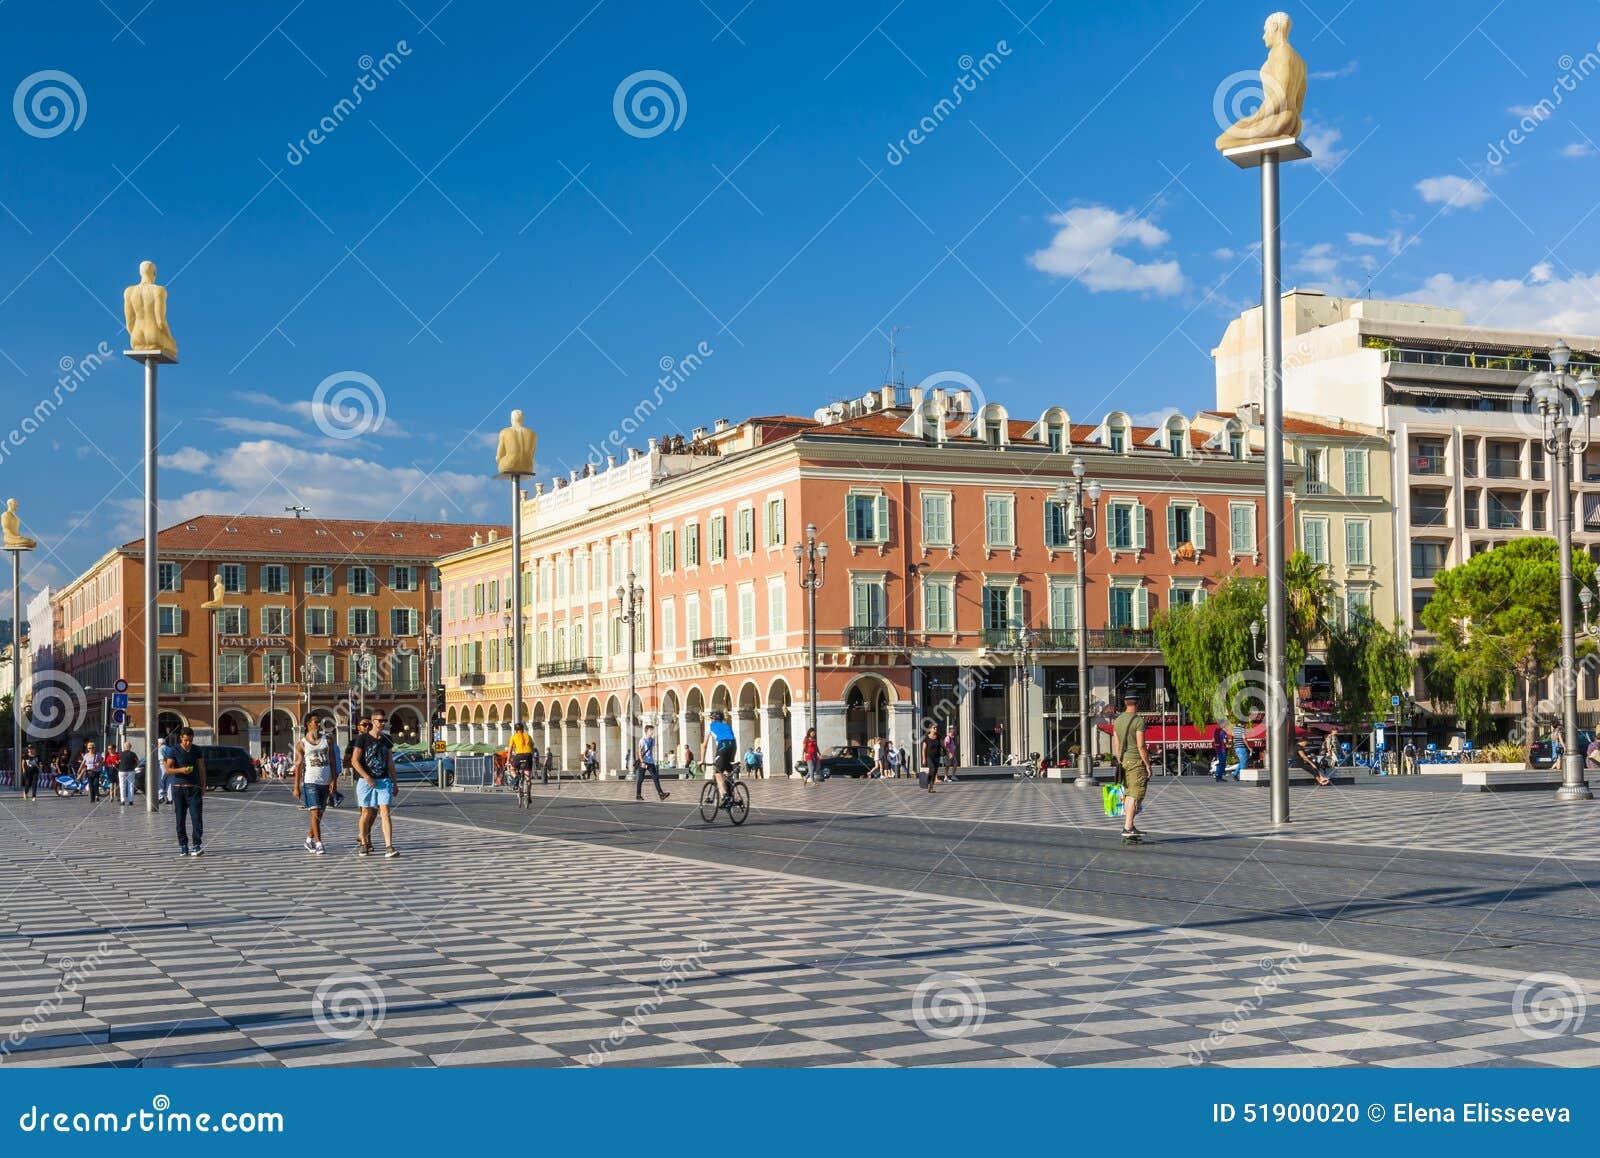 Legen Sie Massena in Nizza, Frankreich